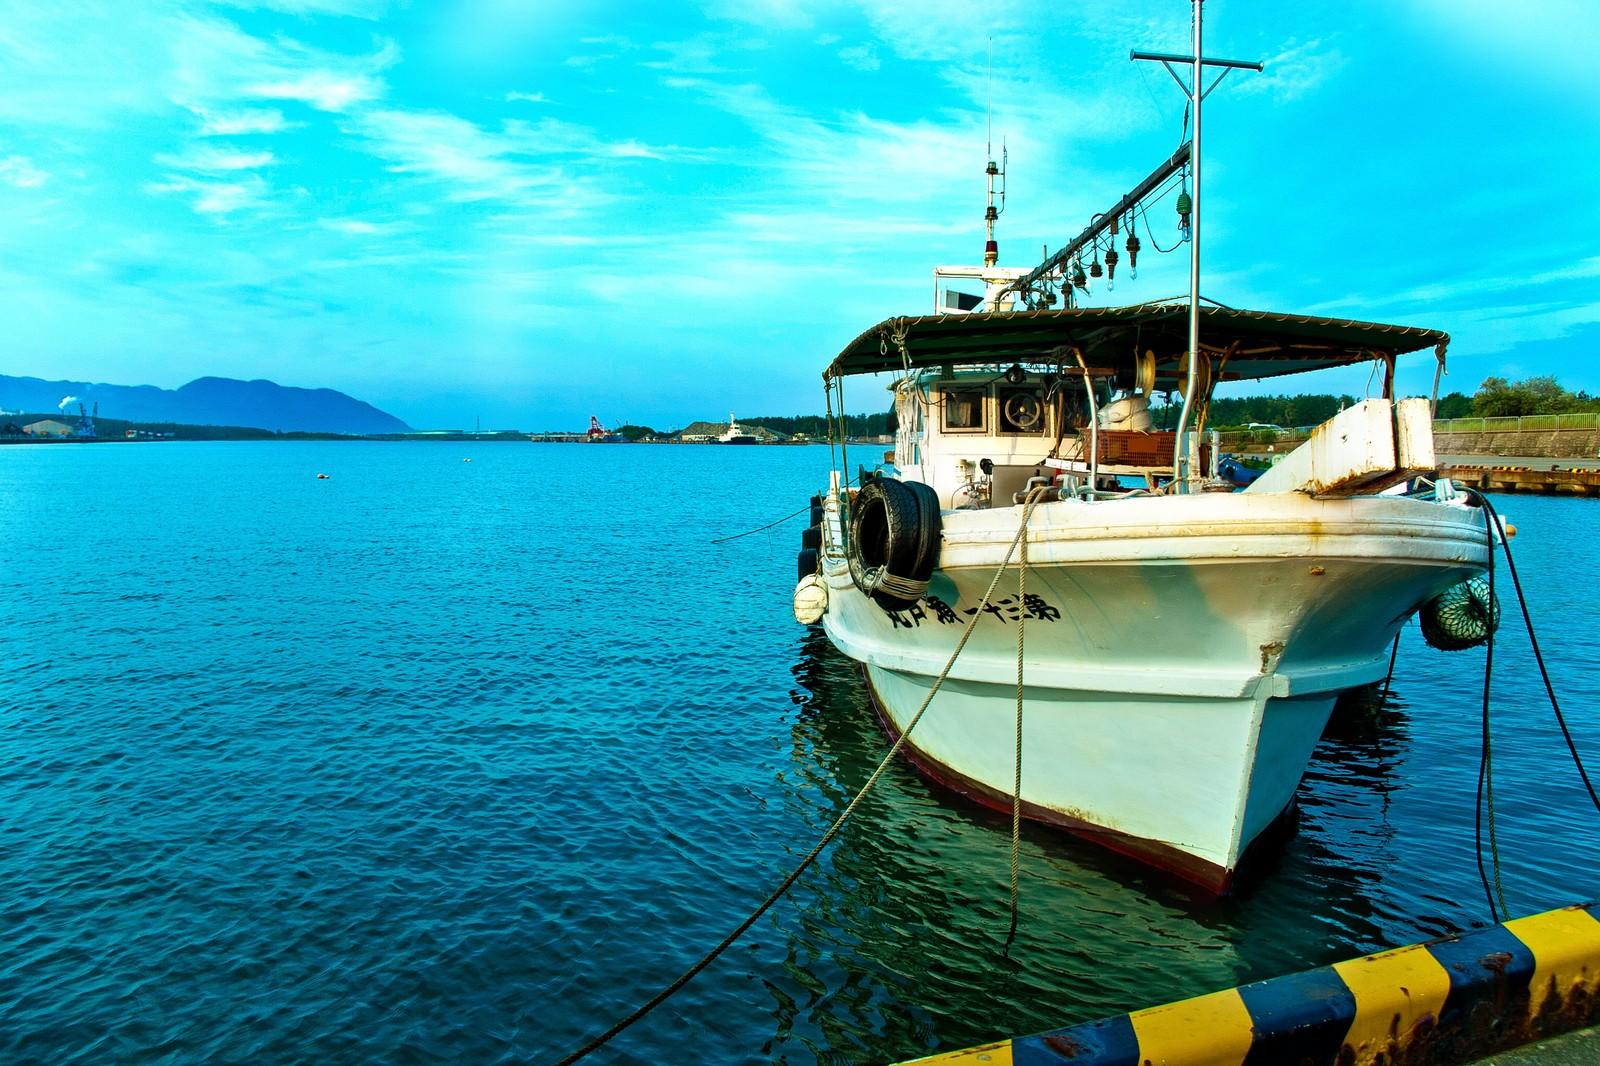 富津新港で釣りをしよう!アジなどのポイント情報やアクセス方法も紹介!